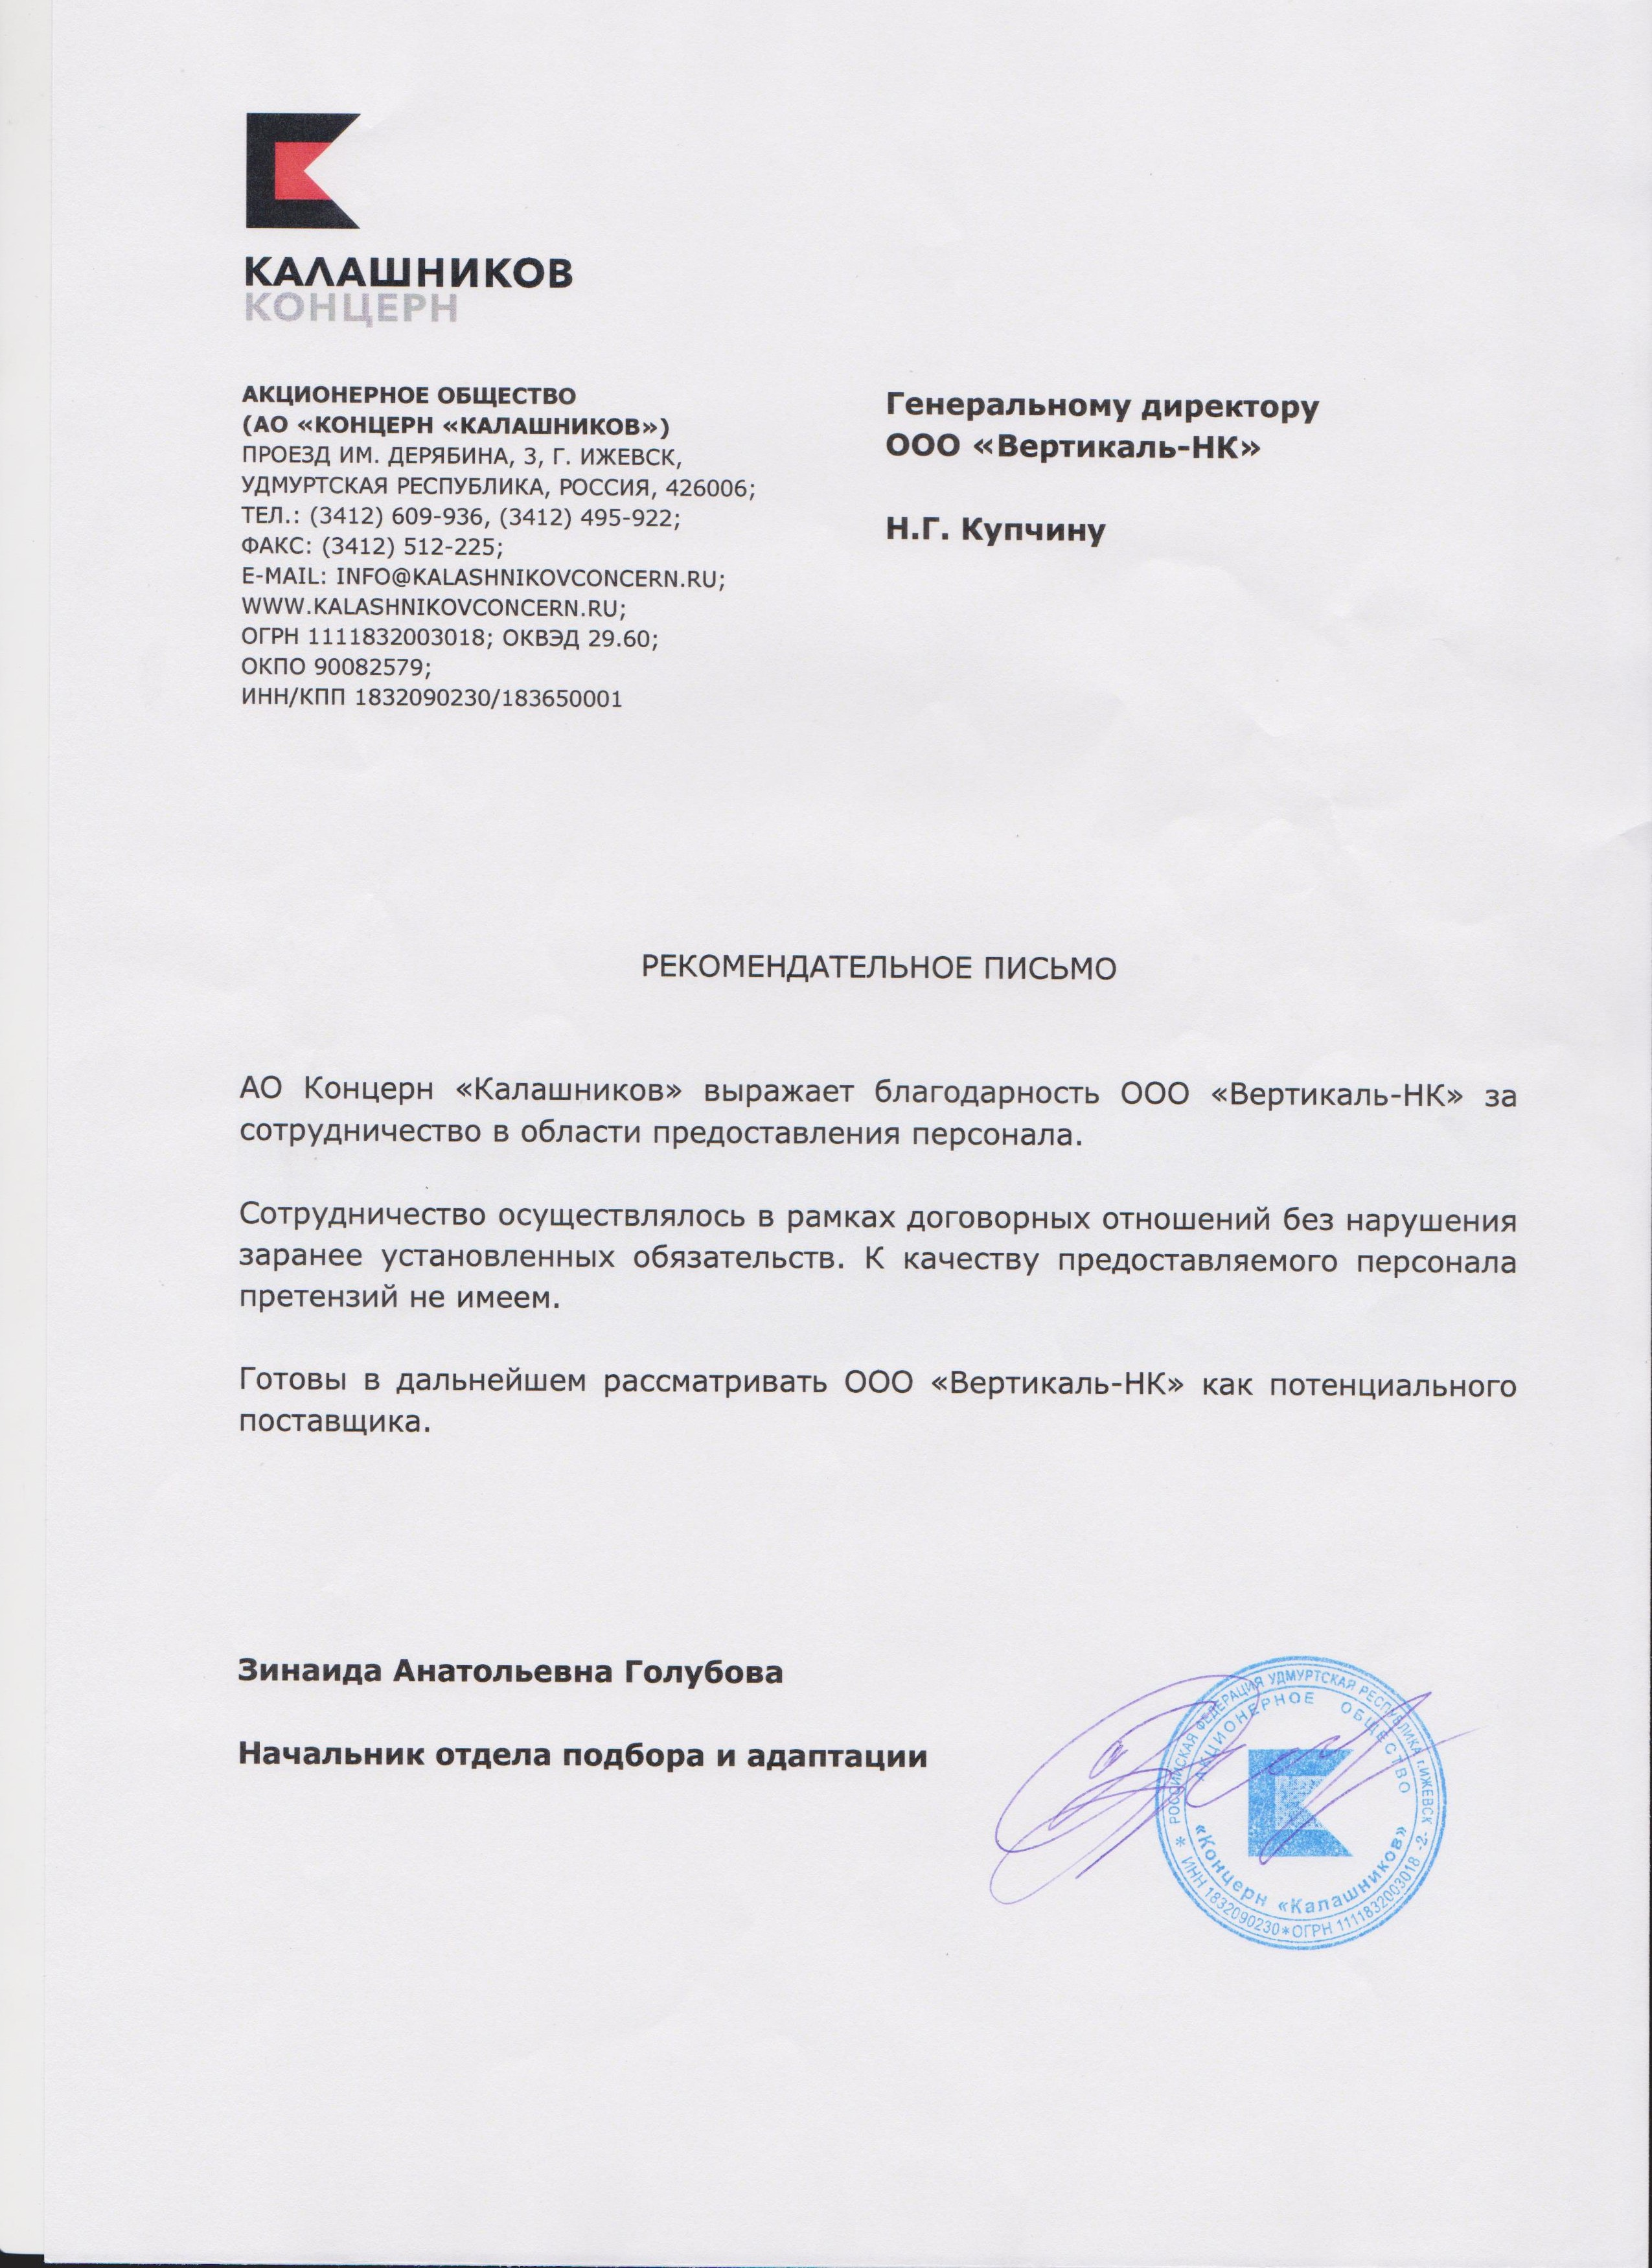 Рекомендательное письмо Концерн Калашников